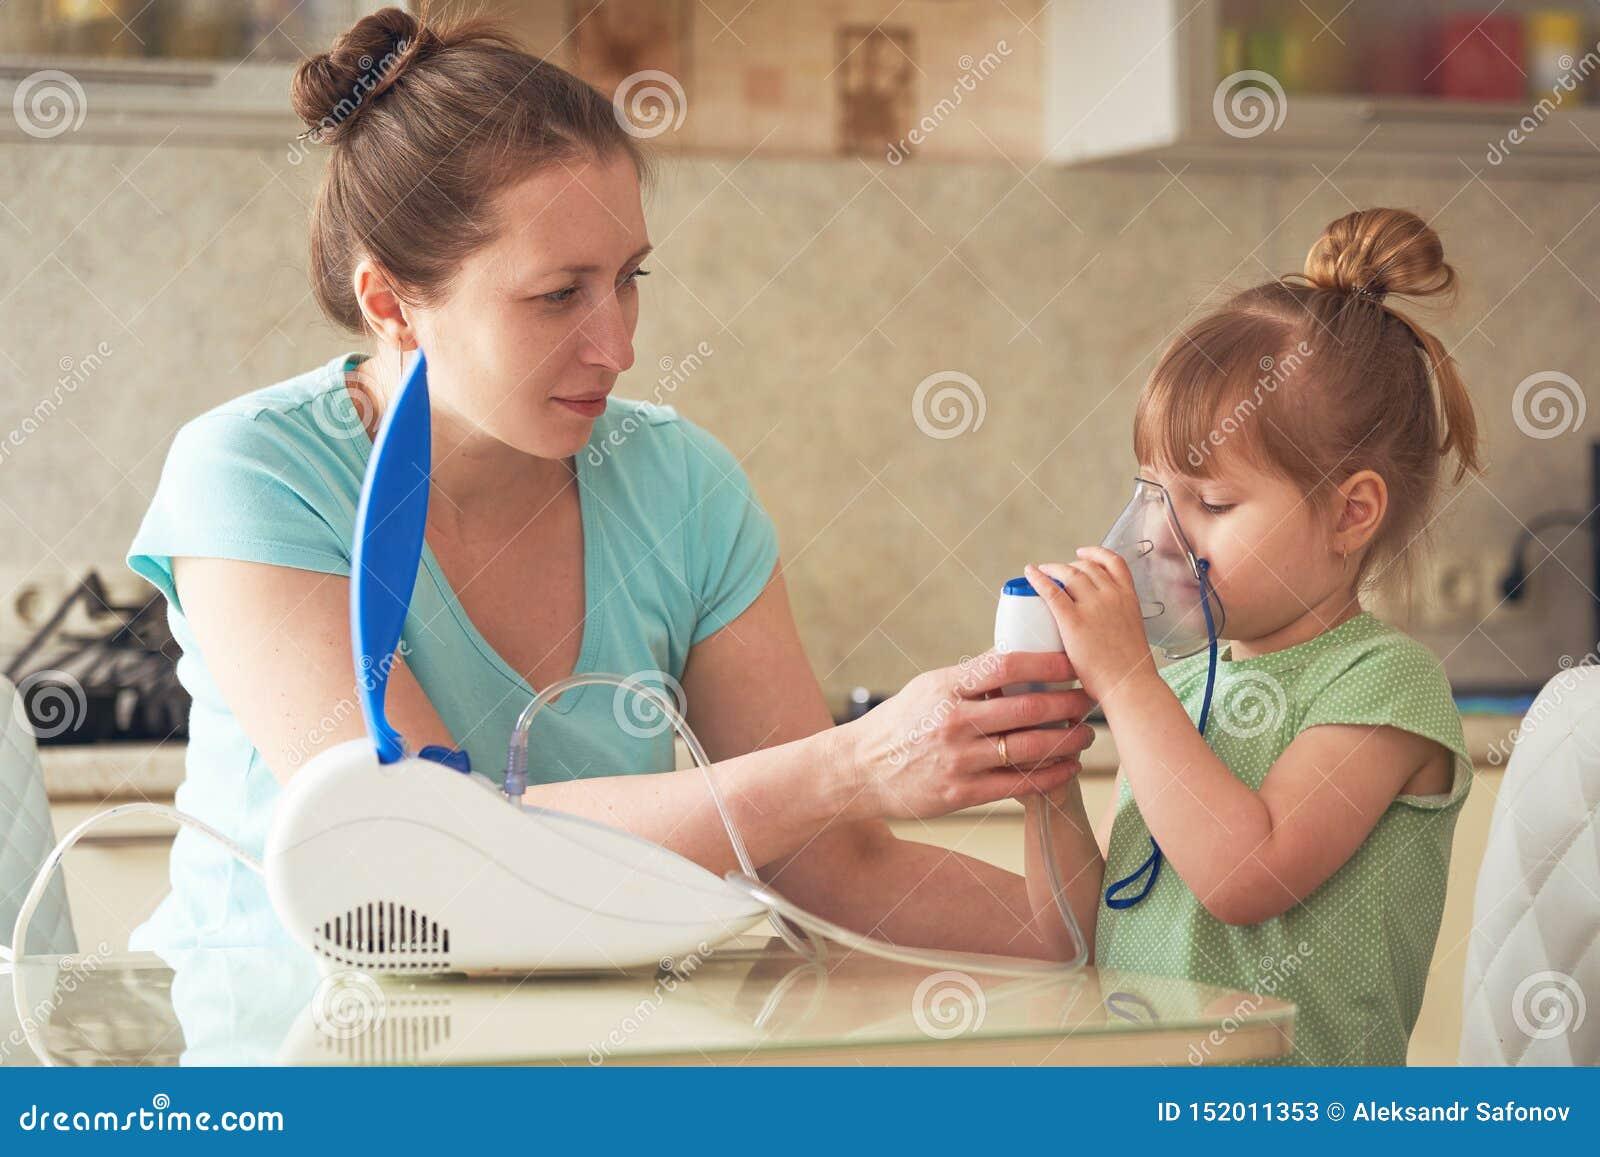 Μια γυναίκα κάνει την εισπνοή σε ένα παιδί στο σπίτι φέρνει τη nebulizer μάσκα στο πρόσωπό του εισπνέει τον ατμό του φαρμάκου το